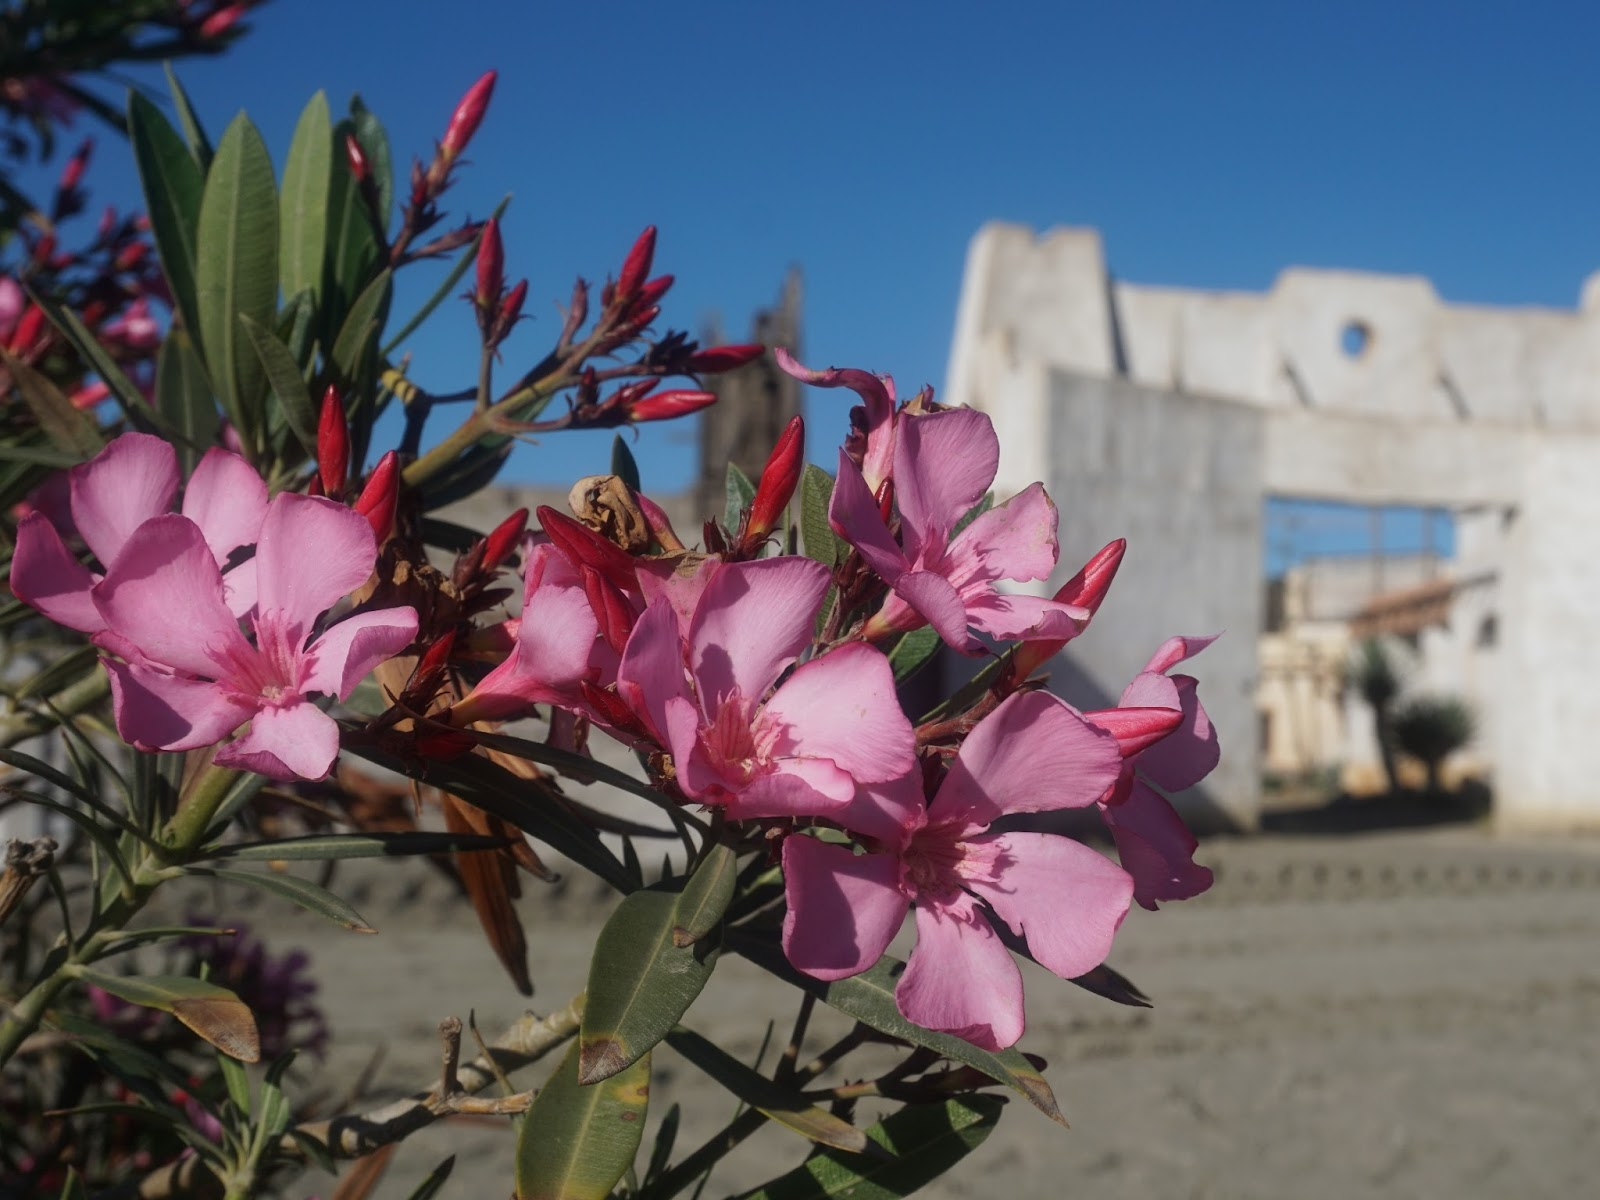 hiszpańskie kwiaty, Hiszpania, panidorcia, blog, wrażenia z Hiszpanii, podróże, mini hollywood